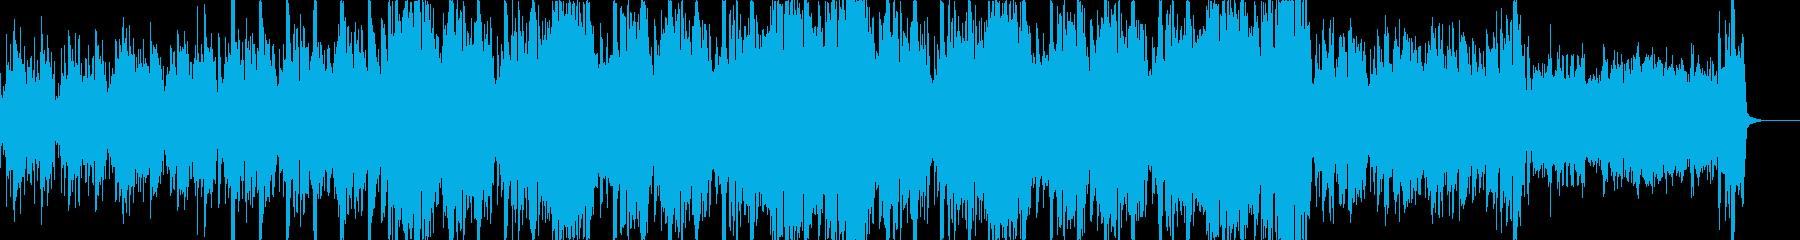 懐かしい感じのエレクトロディスコの再生済みの波形